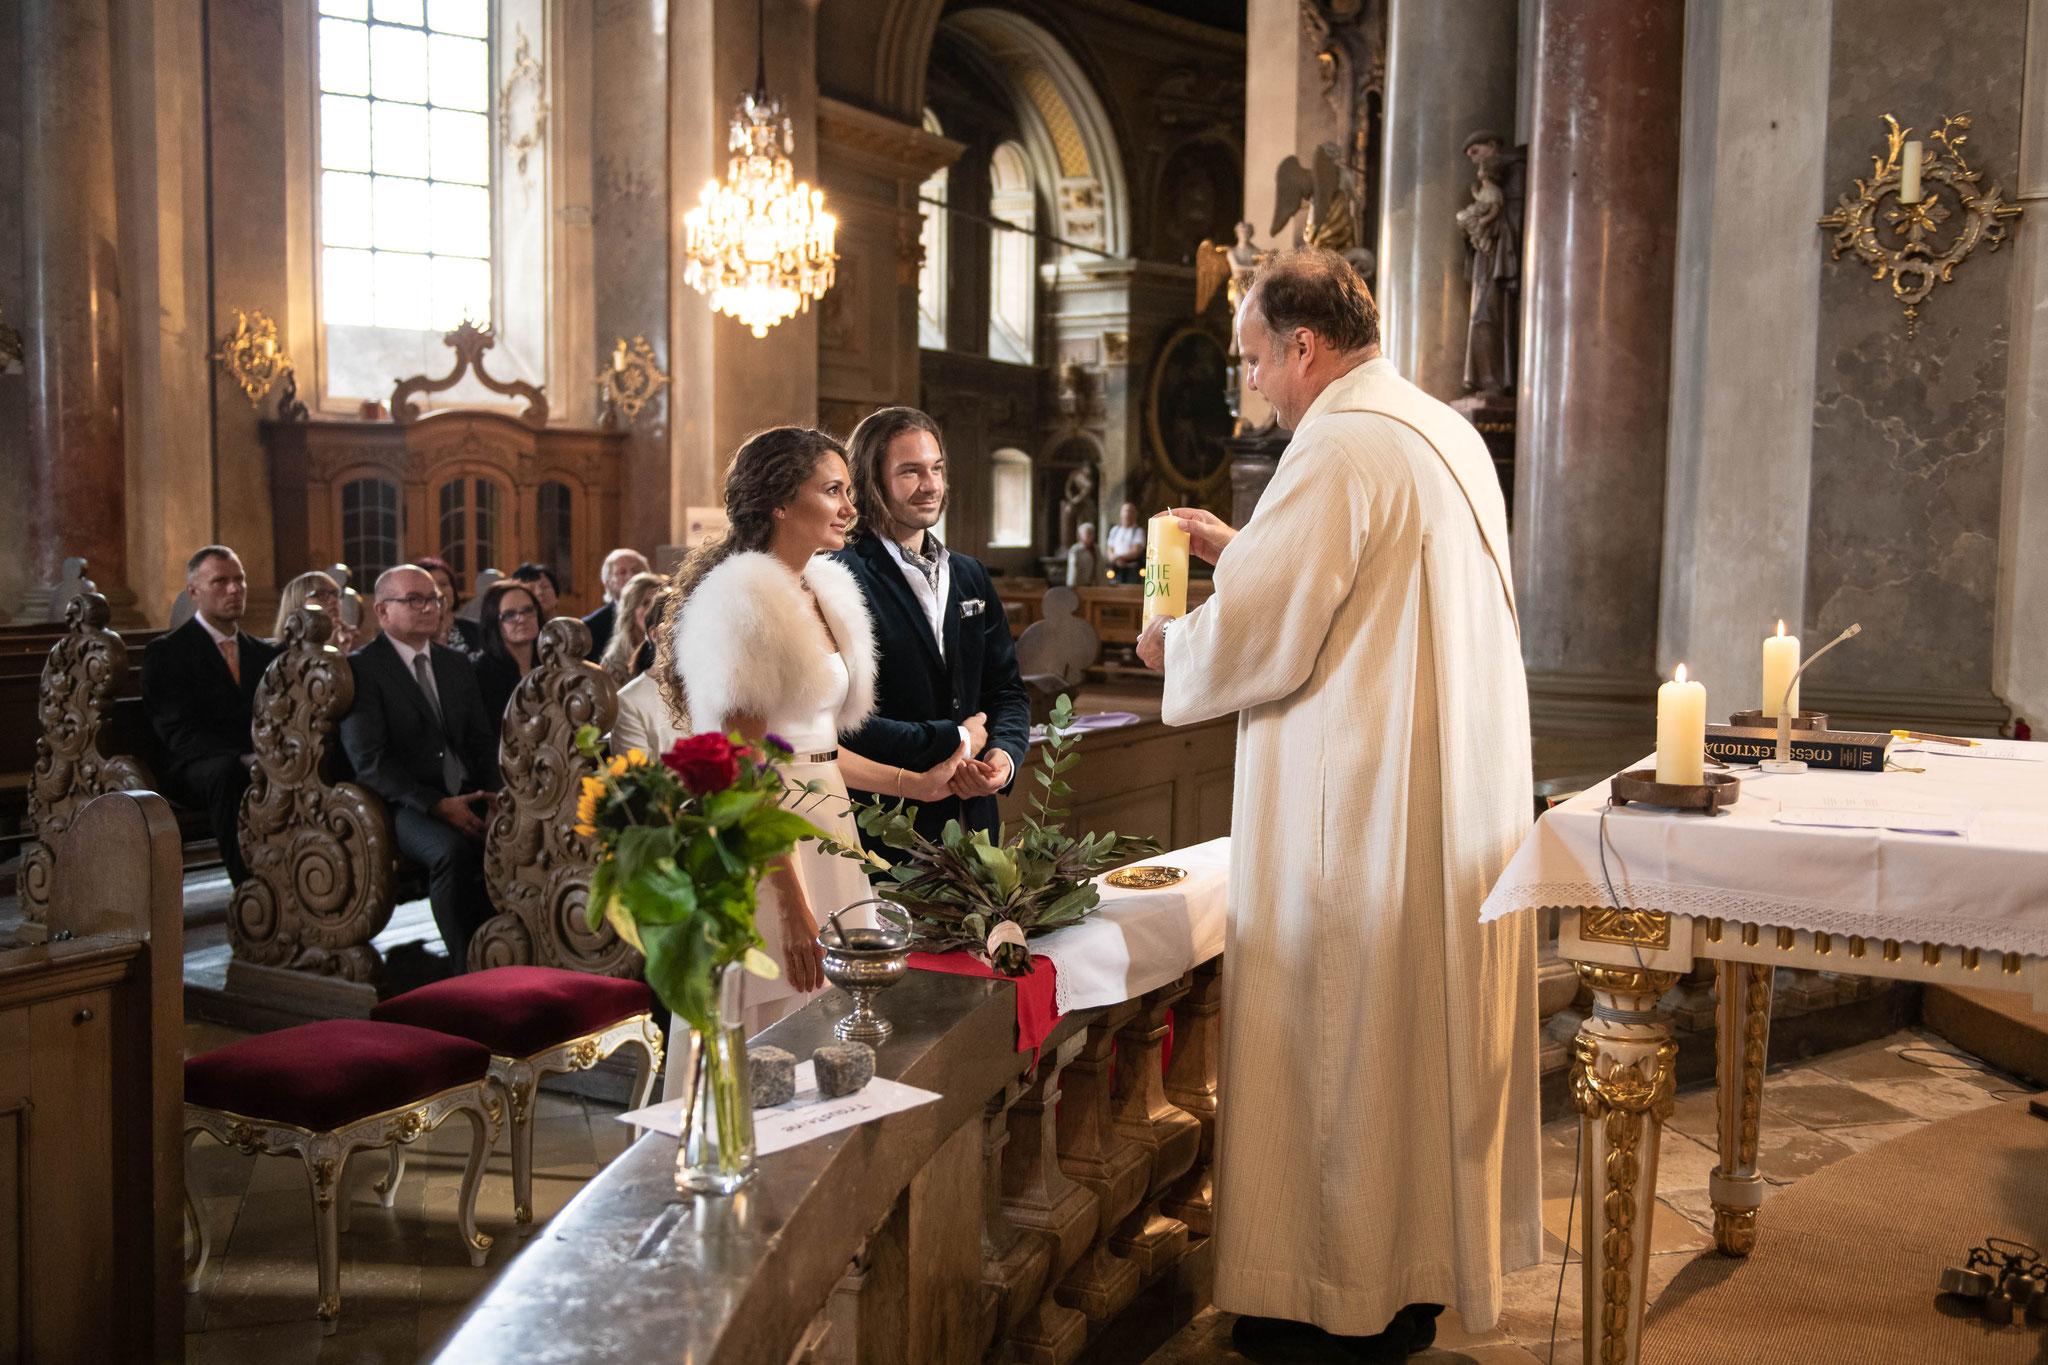 Fotografische Begleitung über den ganzen Tag hinaus von der Kirche bis zur Location in Würzburg